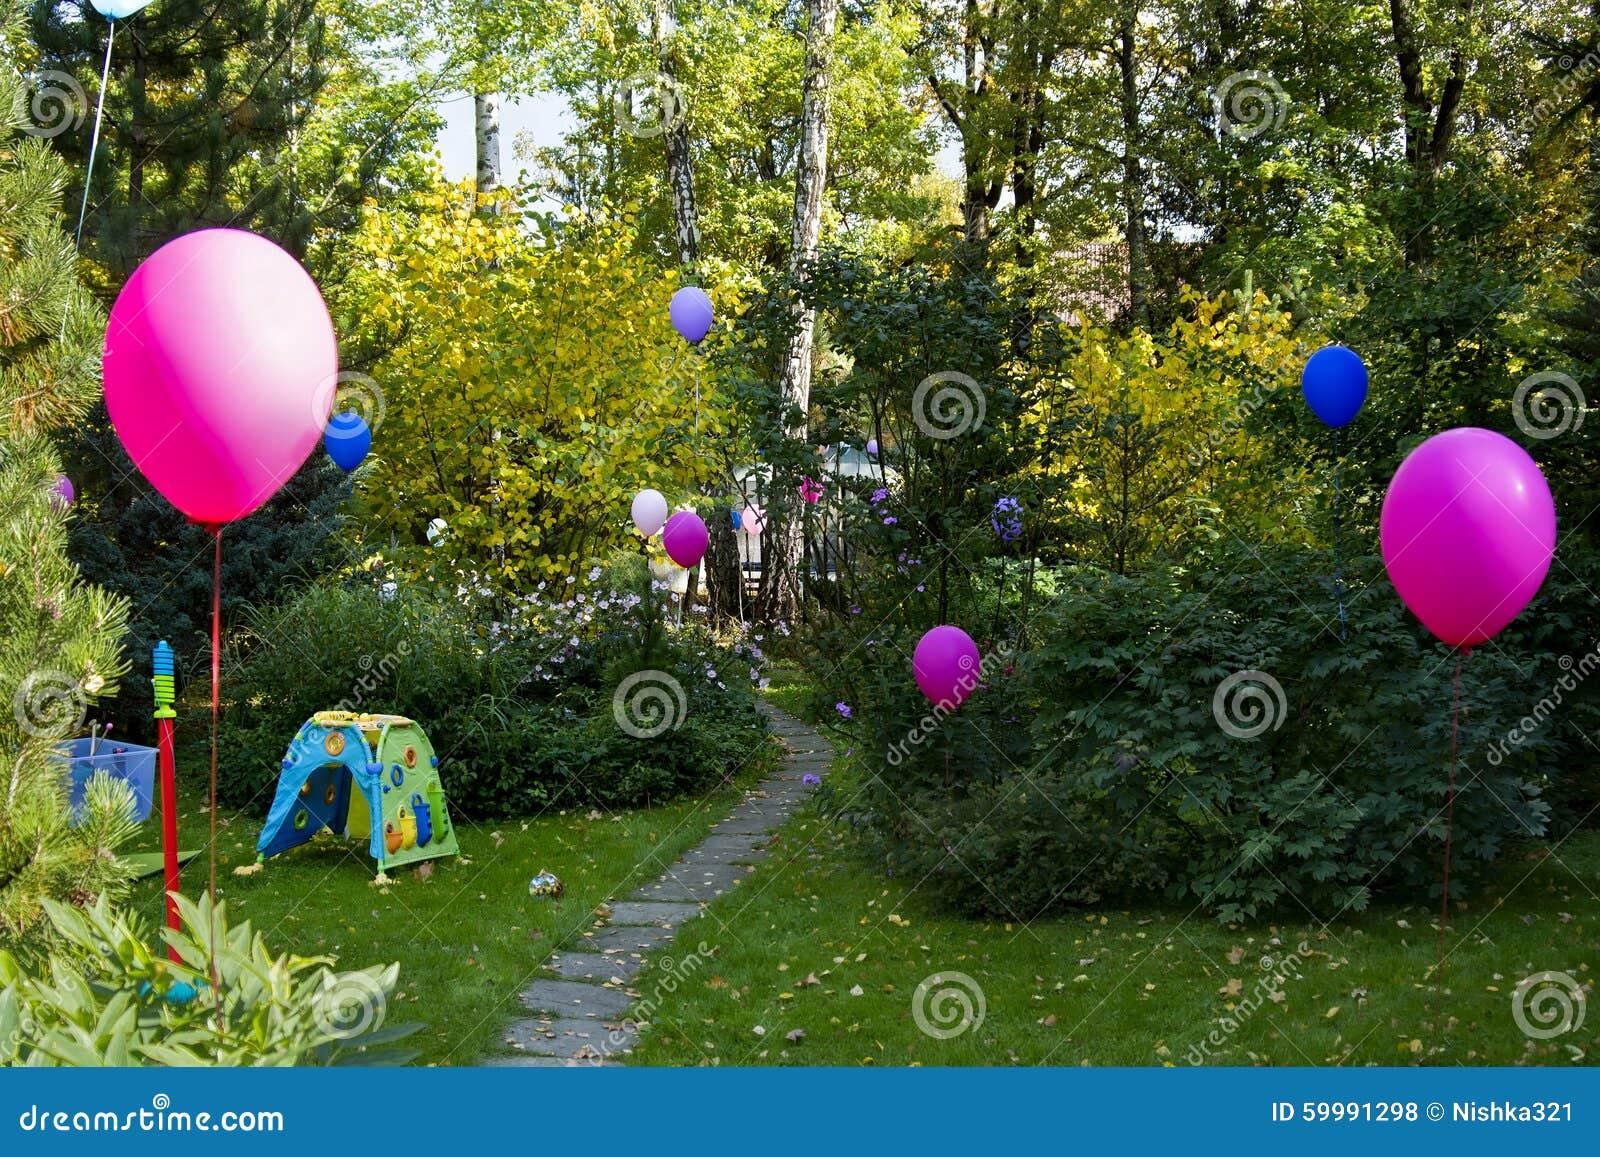 Bunte Ballone Im Hinterhof, Landschaft. Romanze, Nave.